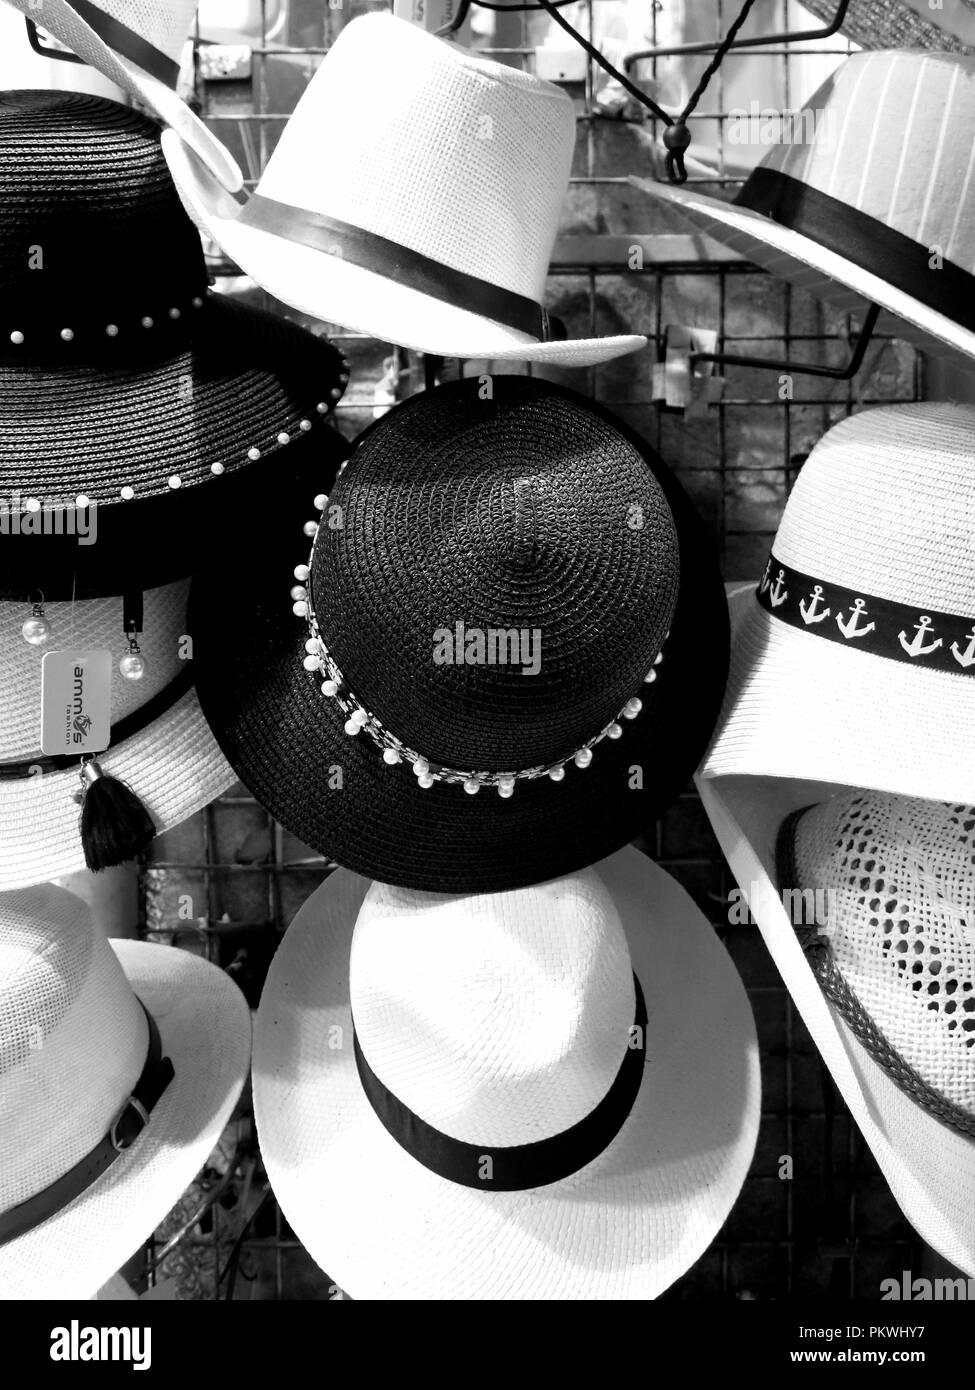 Cappelli sul display al di fuori di un negozio nel mercato principale, Monastiraki,Atene. Immagini Stock